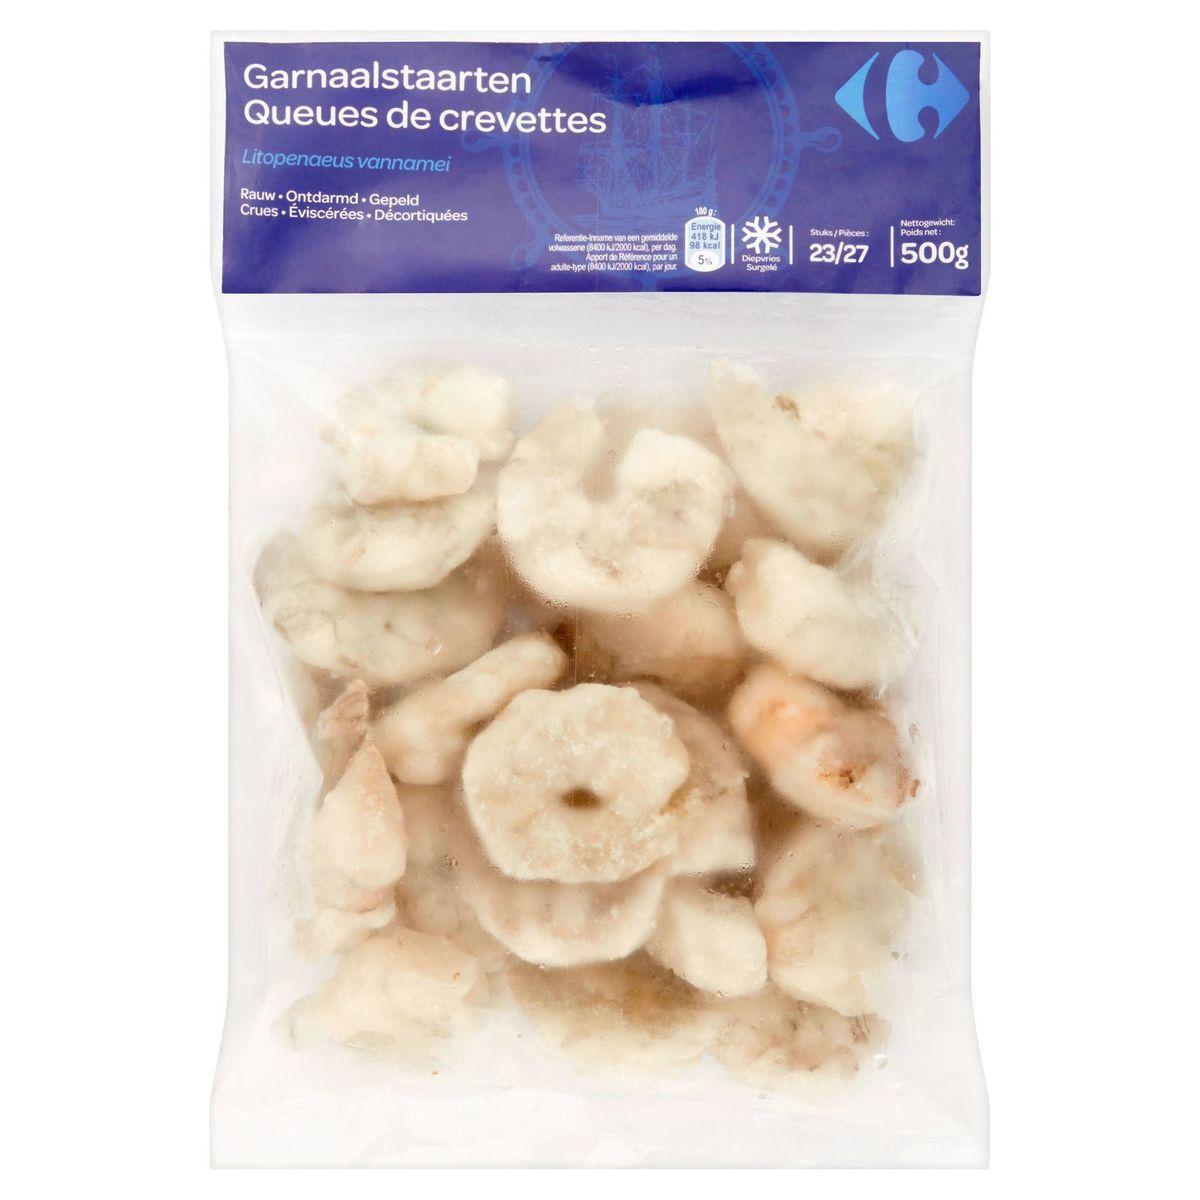 Carrefour Garnaalstaarten 23/27 Stuks 500 g